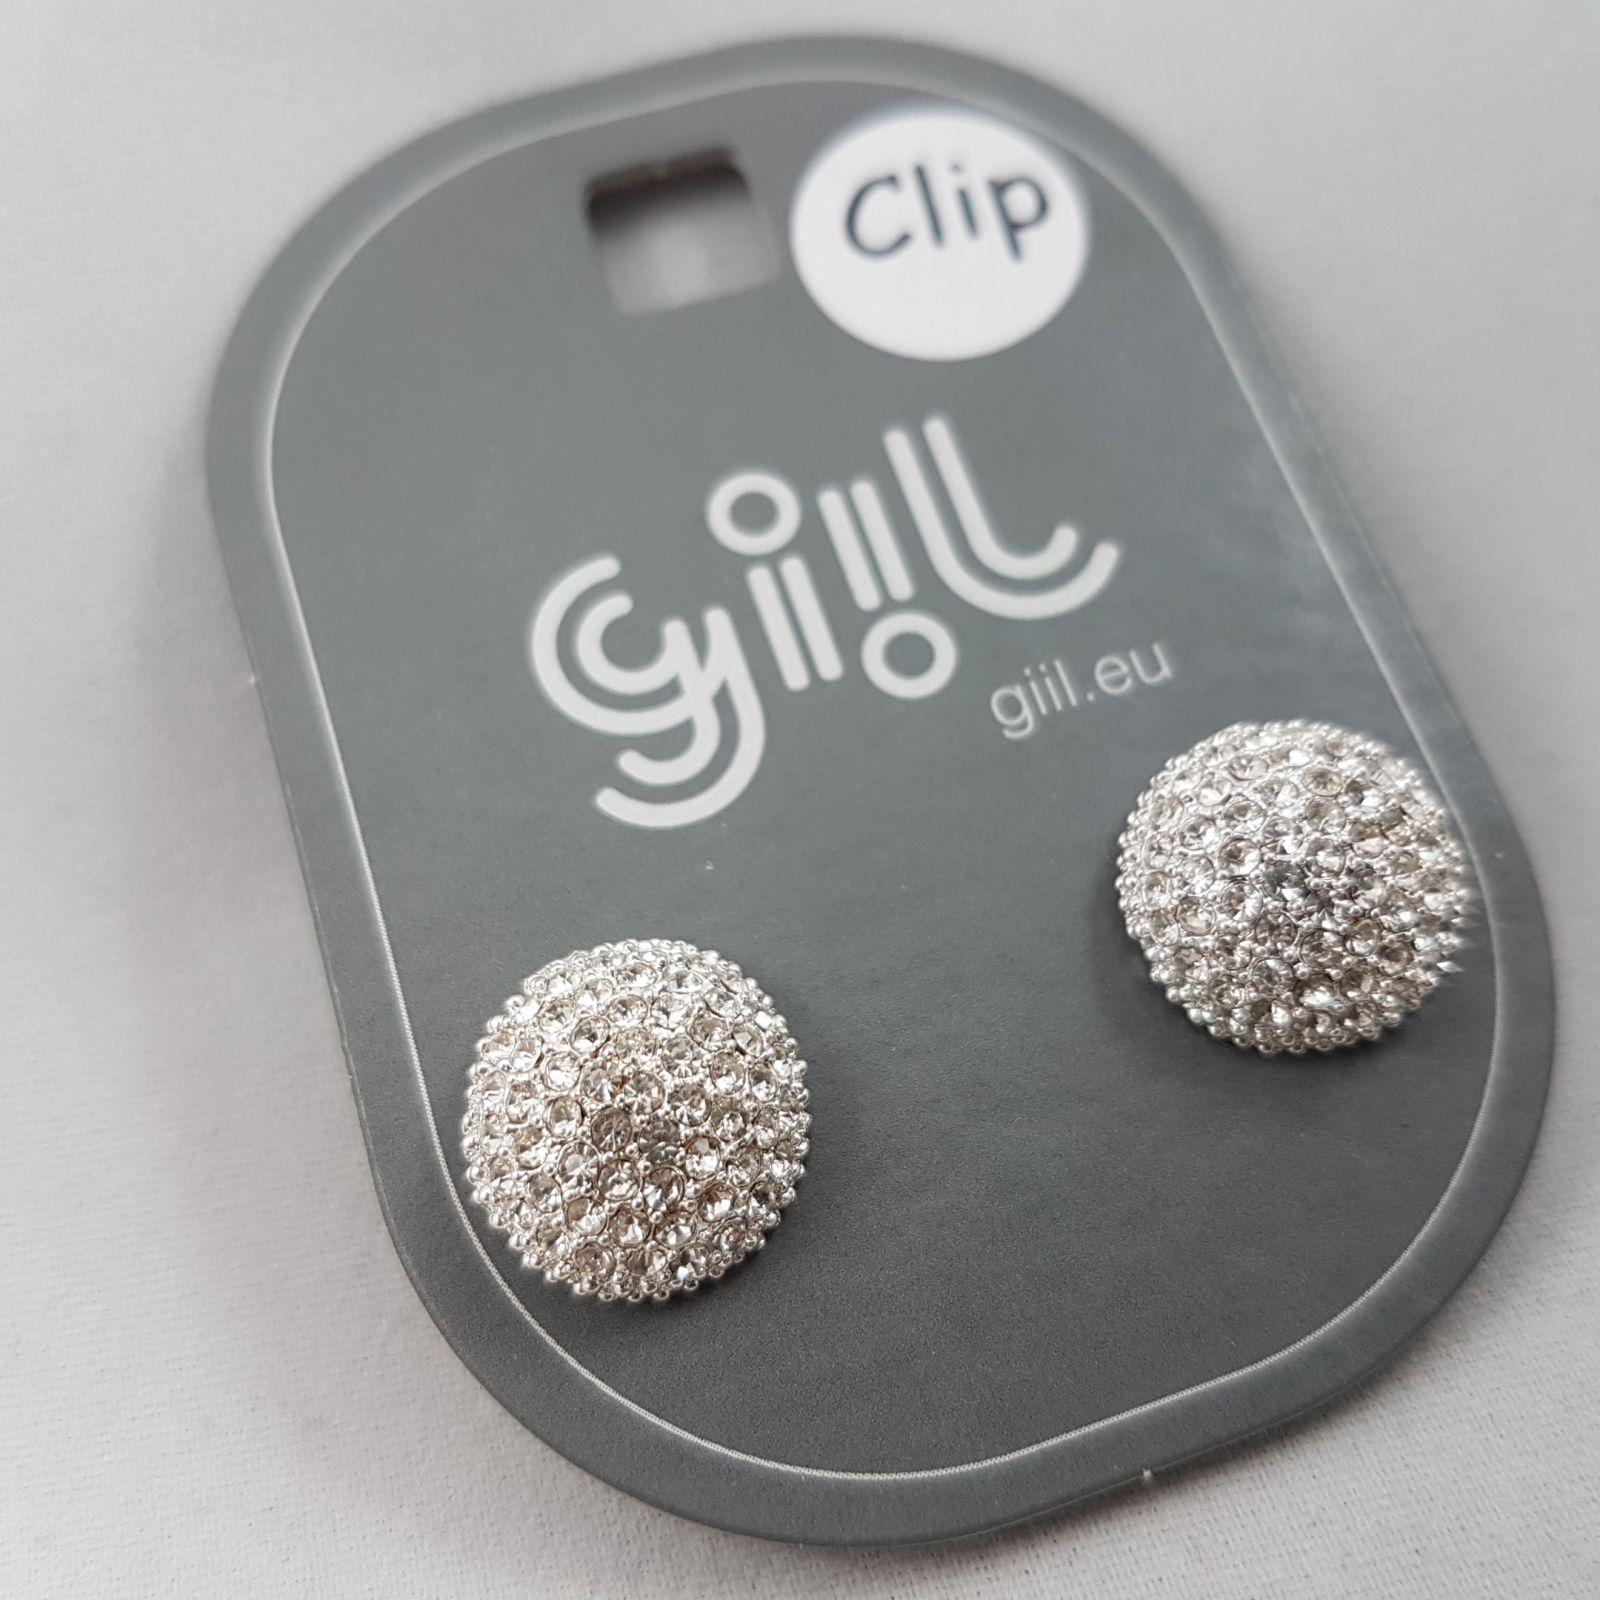 Kamínkové Clip náušnice GIIL